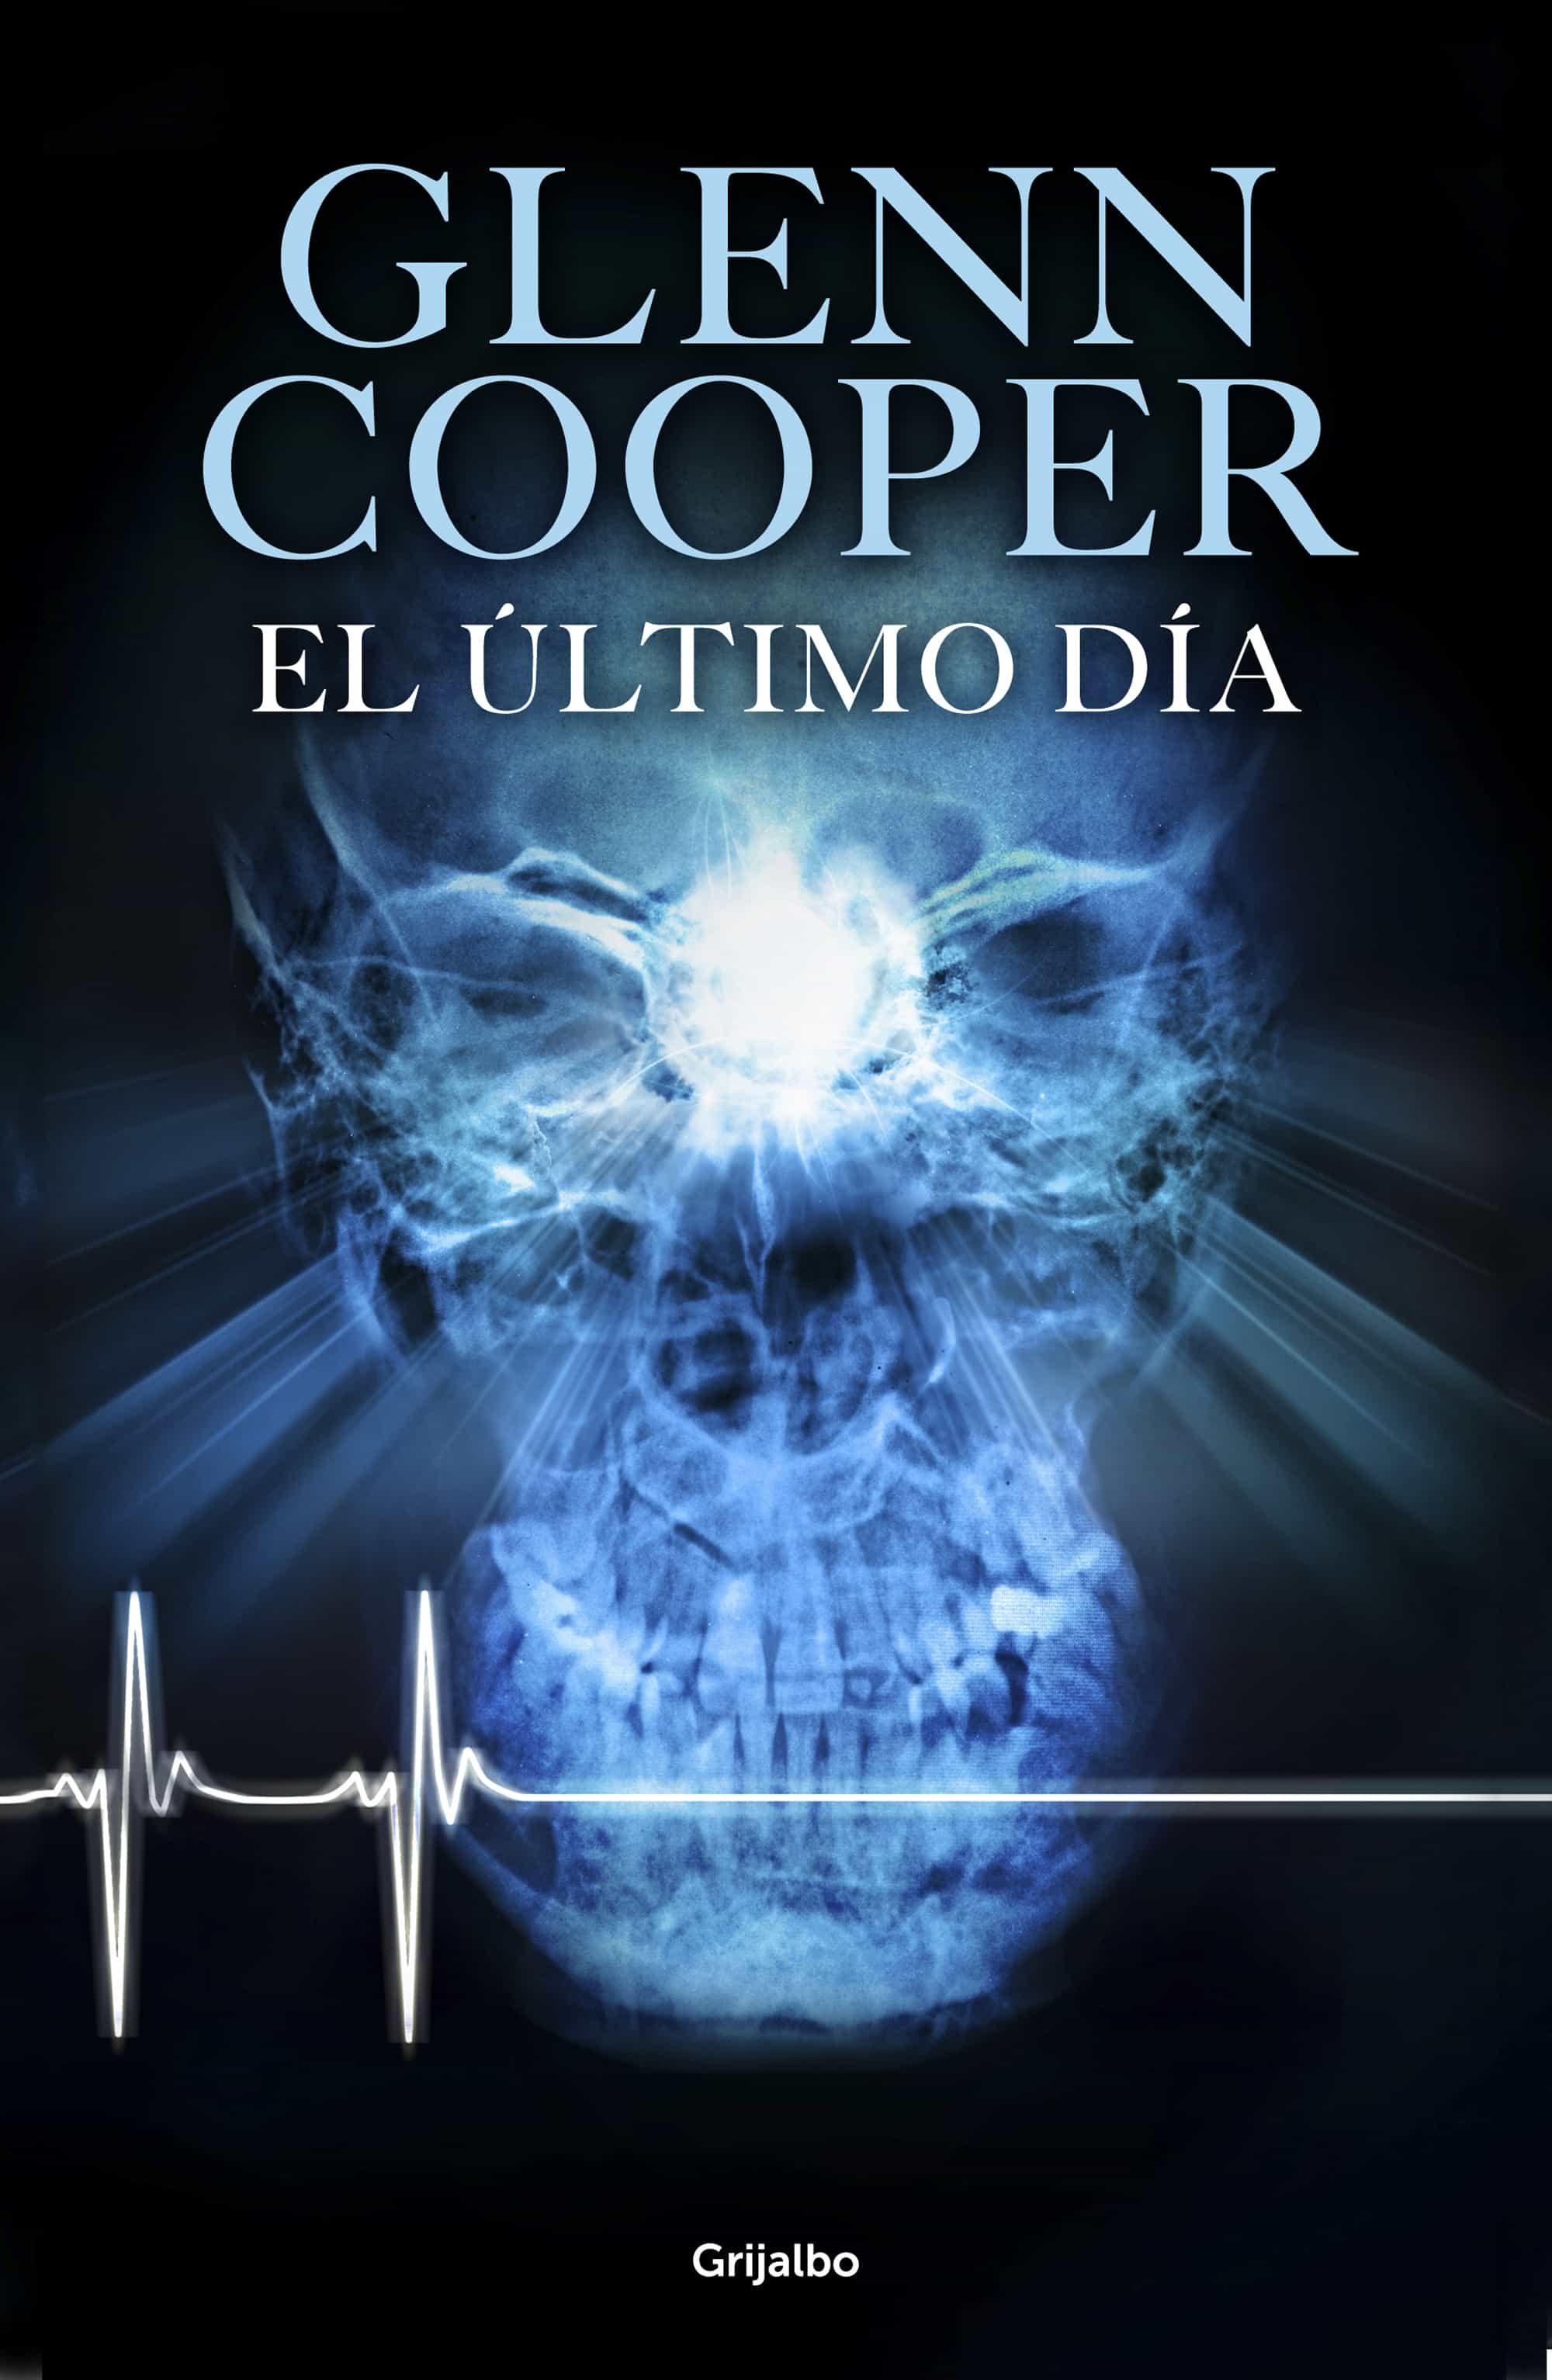 EL ÚLTIMO DÍA EBOOK | GLENN COOPER | Descargar libro PDF o EPUB ...